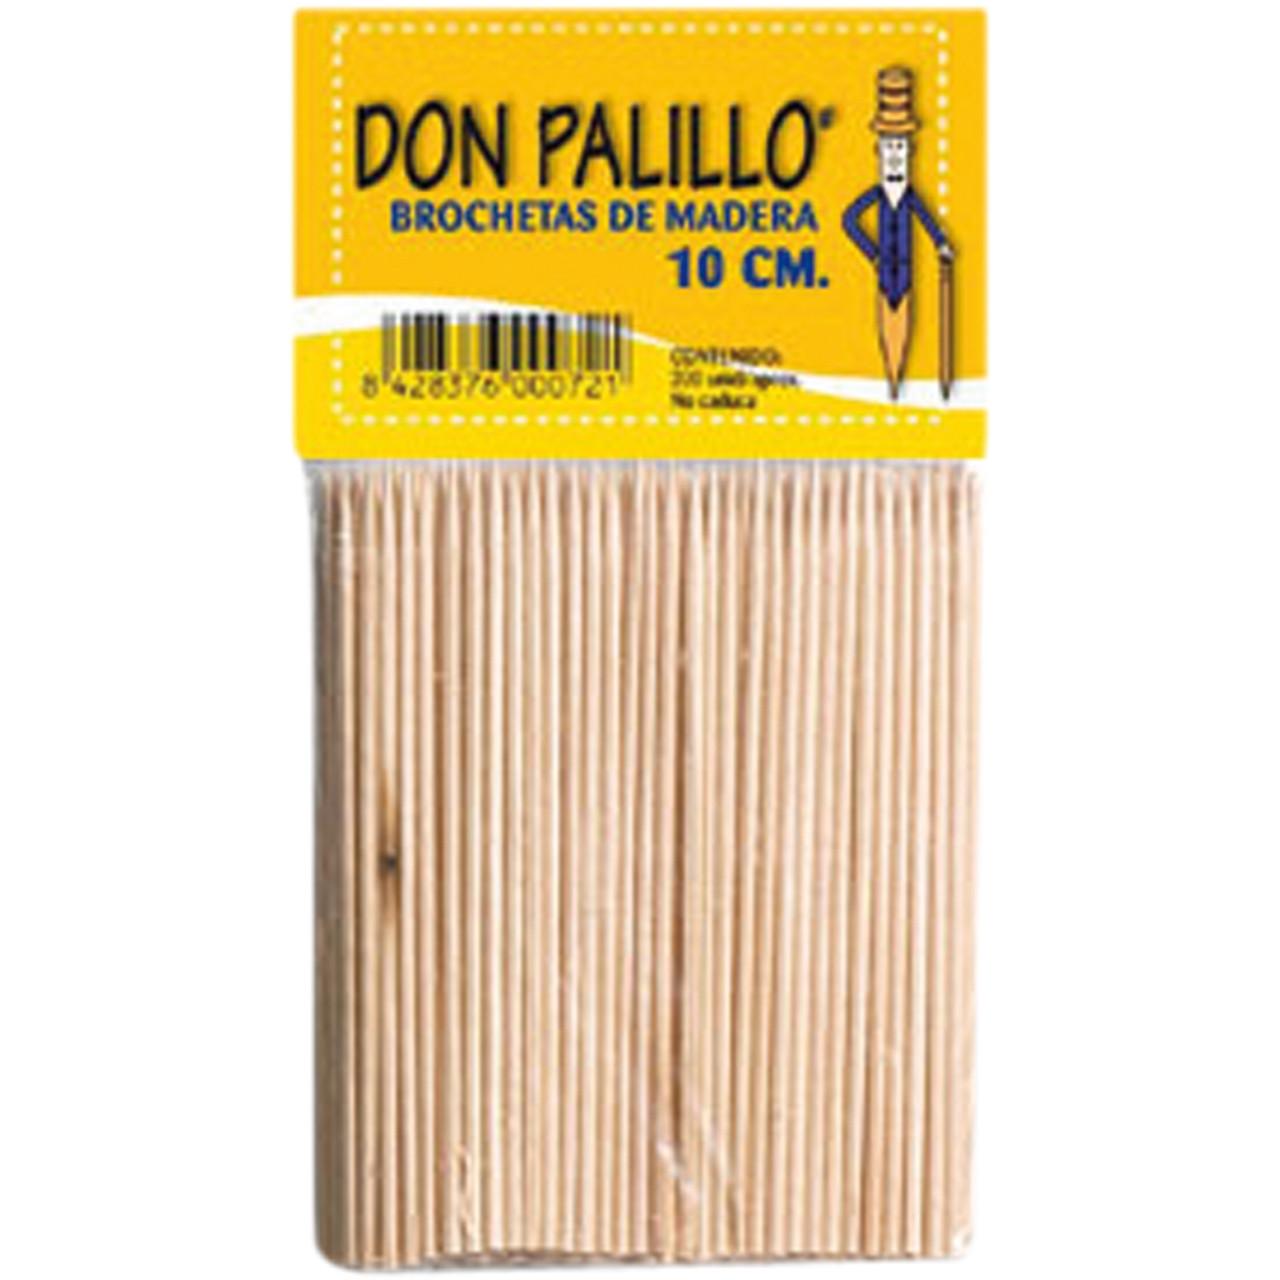 Broqueta fusta 10 cm